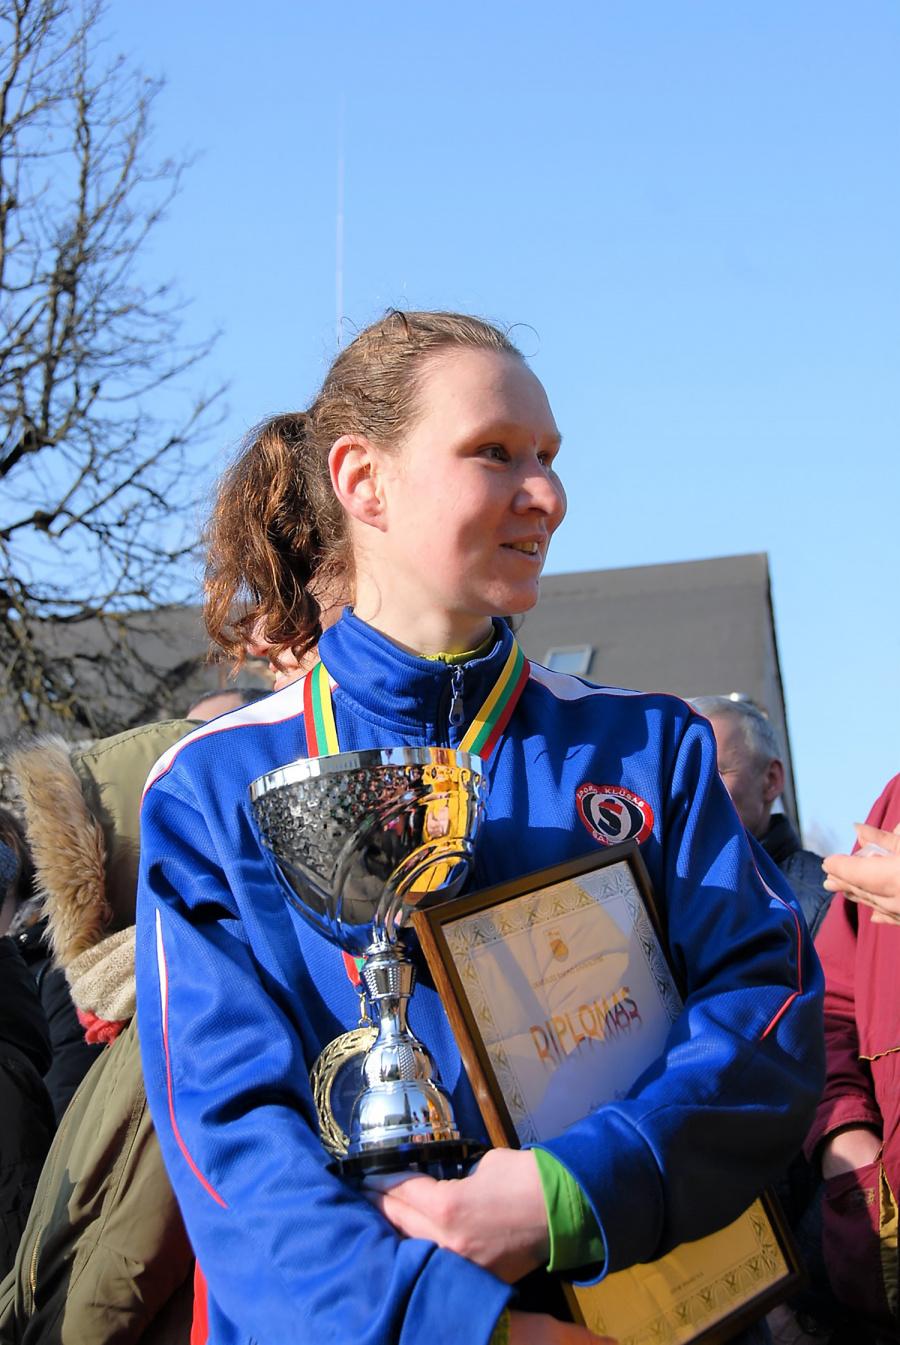 Bėgime nugalėjo Aušra Garunkšnytė.